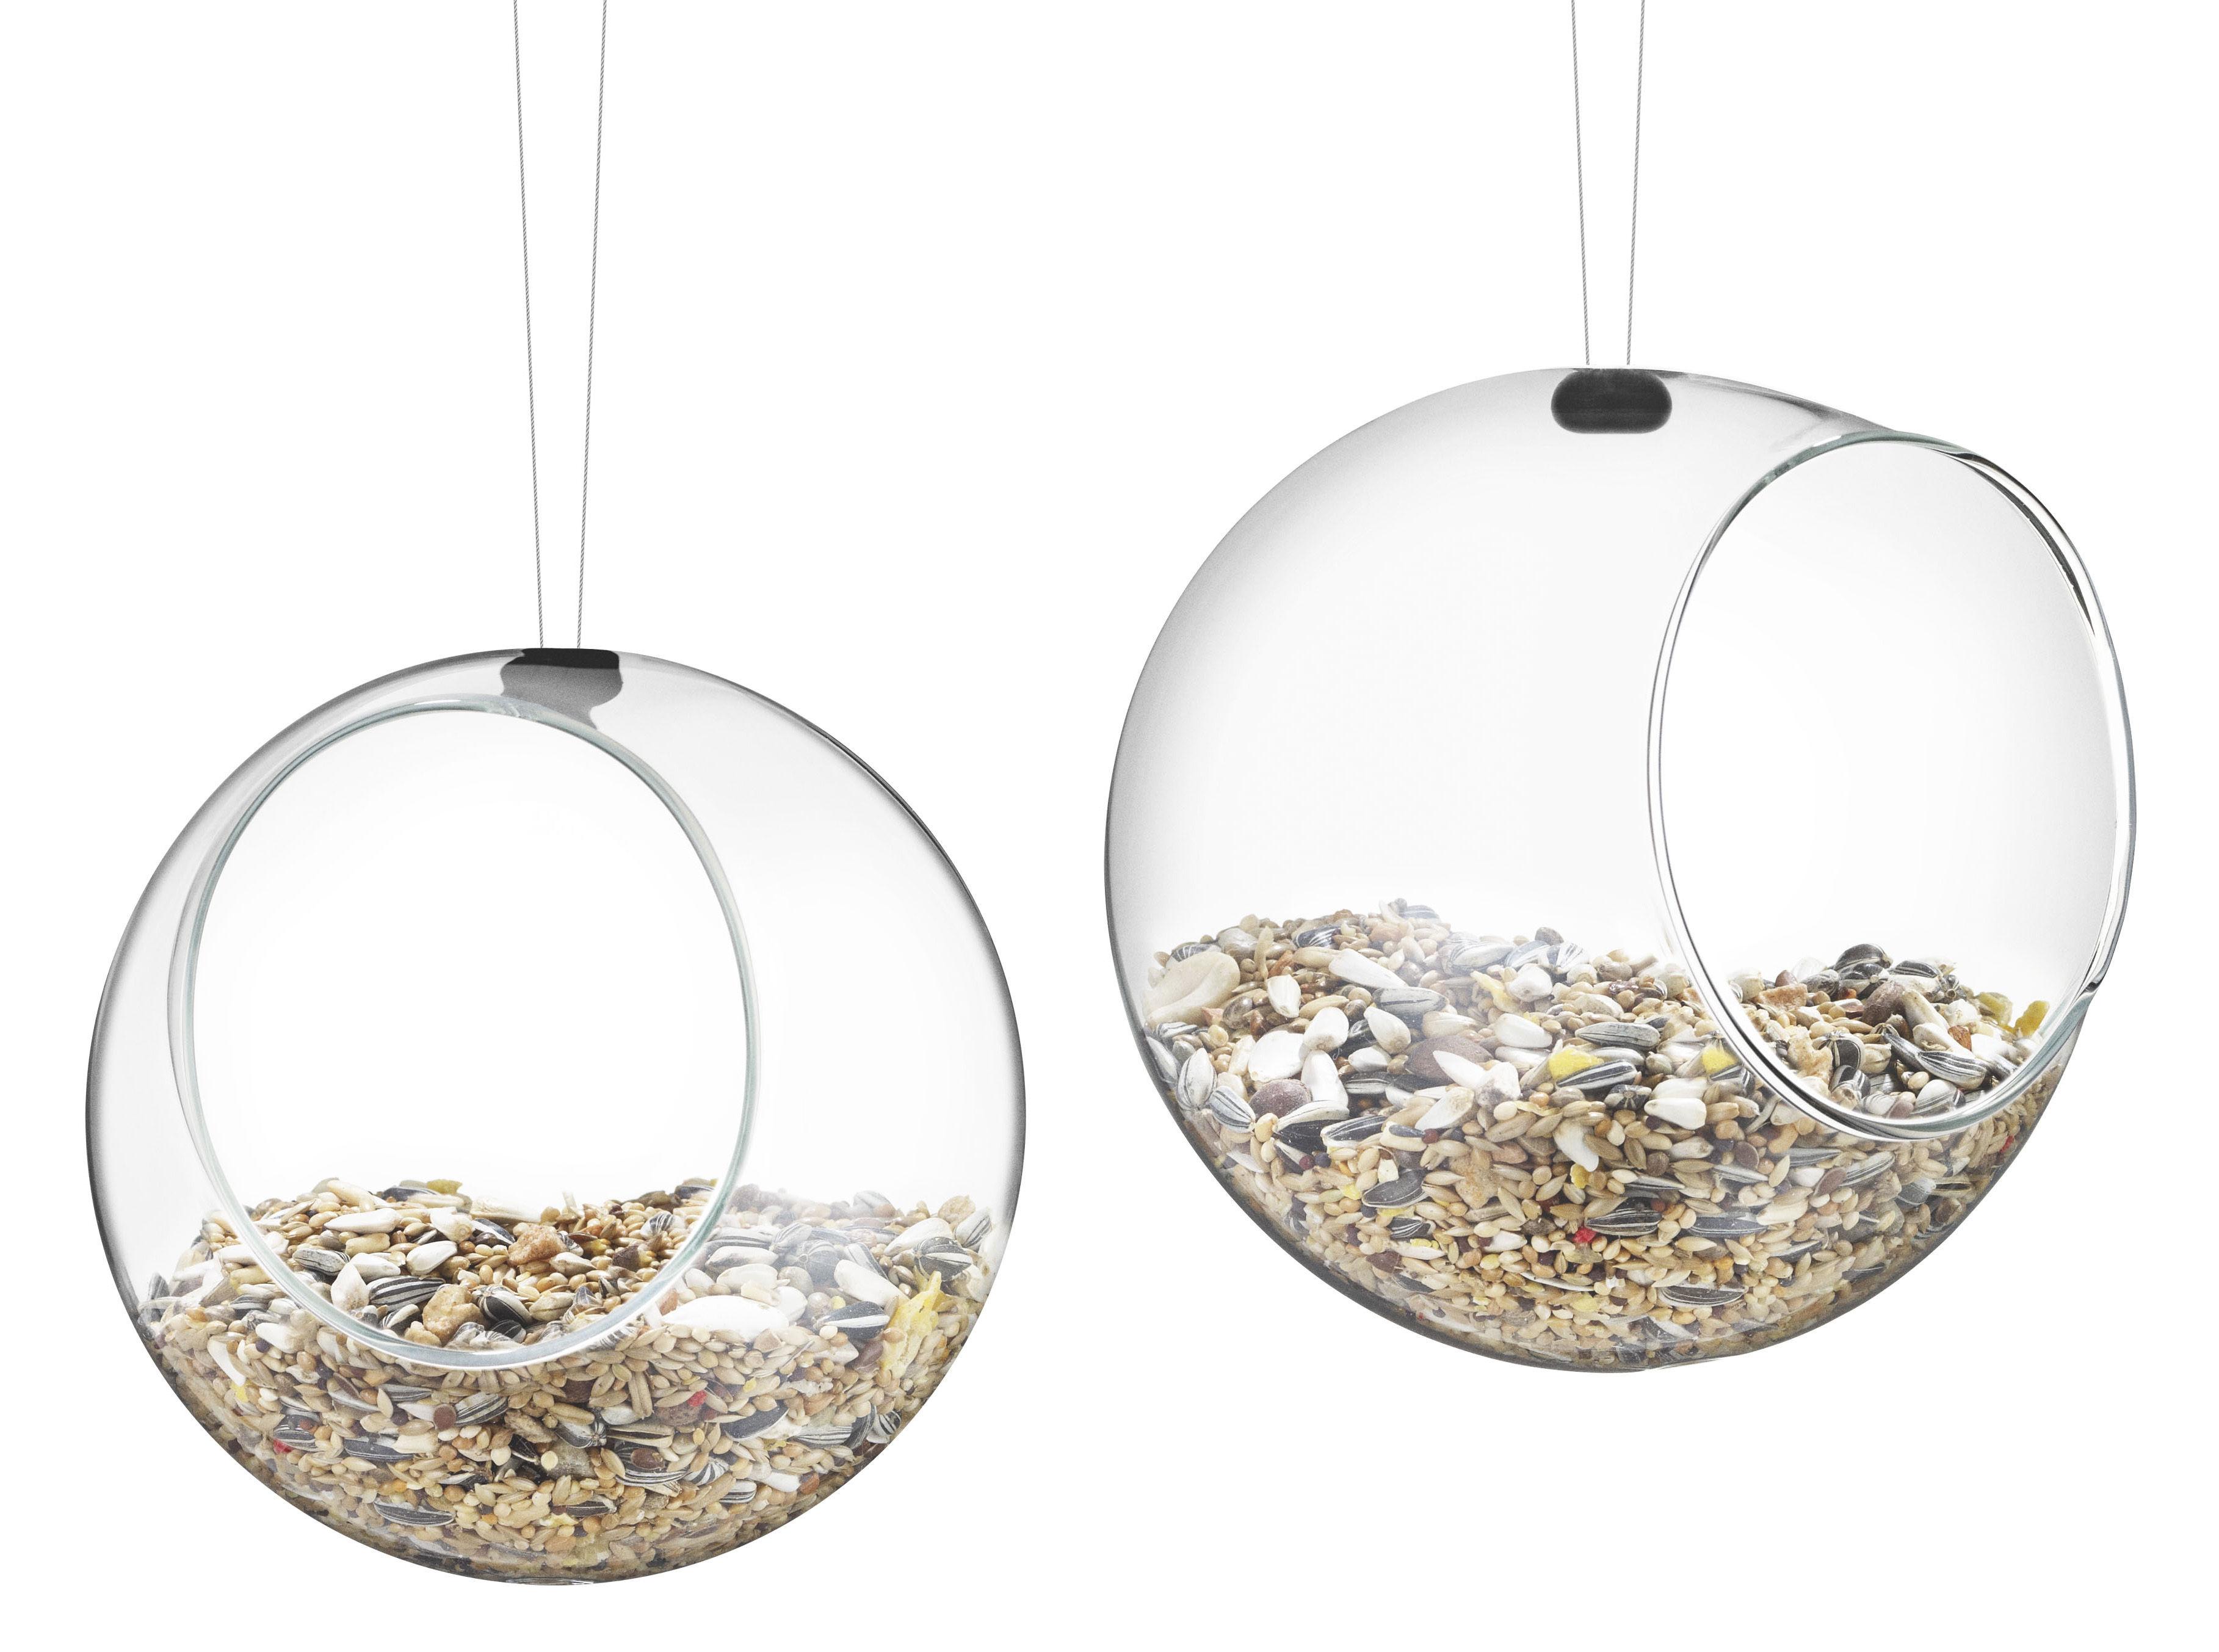 Outdoor - Decorazioni e accessori - Mangiatoia per uccelli - Set di 2 - Ø 12,3 cm di Eva Solo - Trasparente - Acciaio inox 18/10, Silicone, Vetro soffiato a bocca borosilicato